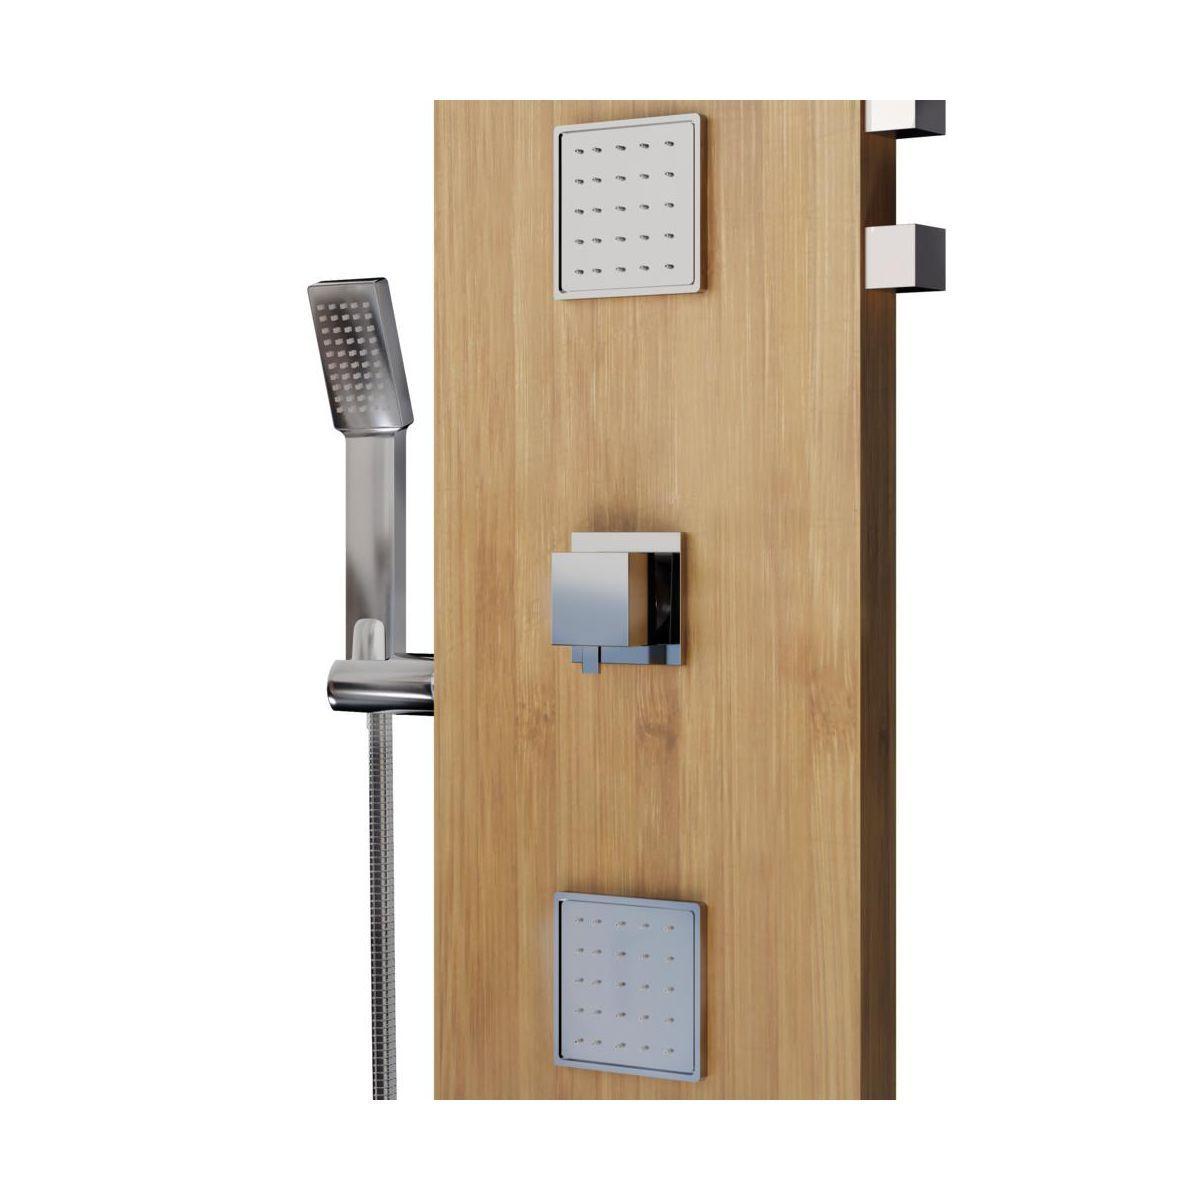 Panel Prysznicowy Z Bateria Holoma2 Sensea Panele Prysznicowe W Atrakcyjnej Cenie W Sklepach Leroy Merlin